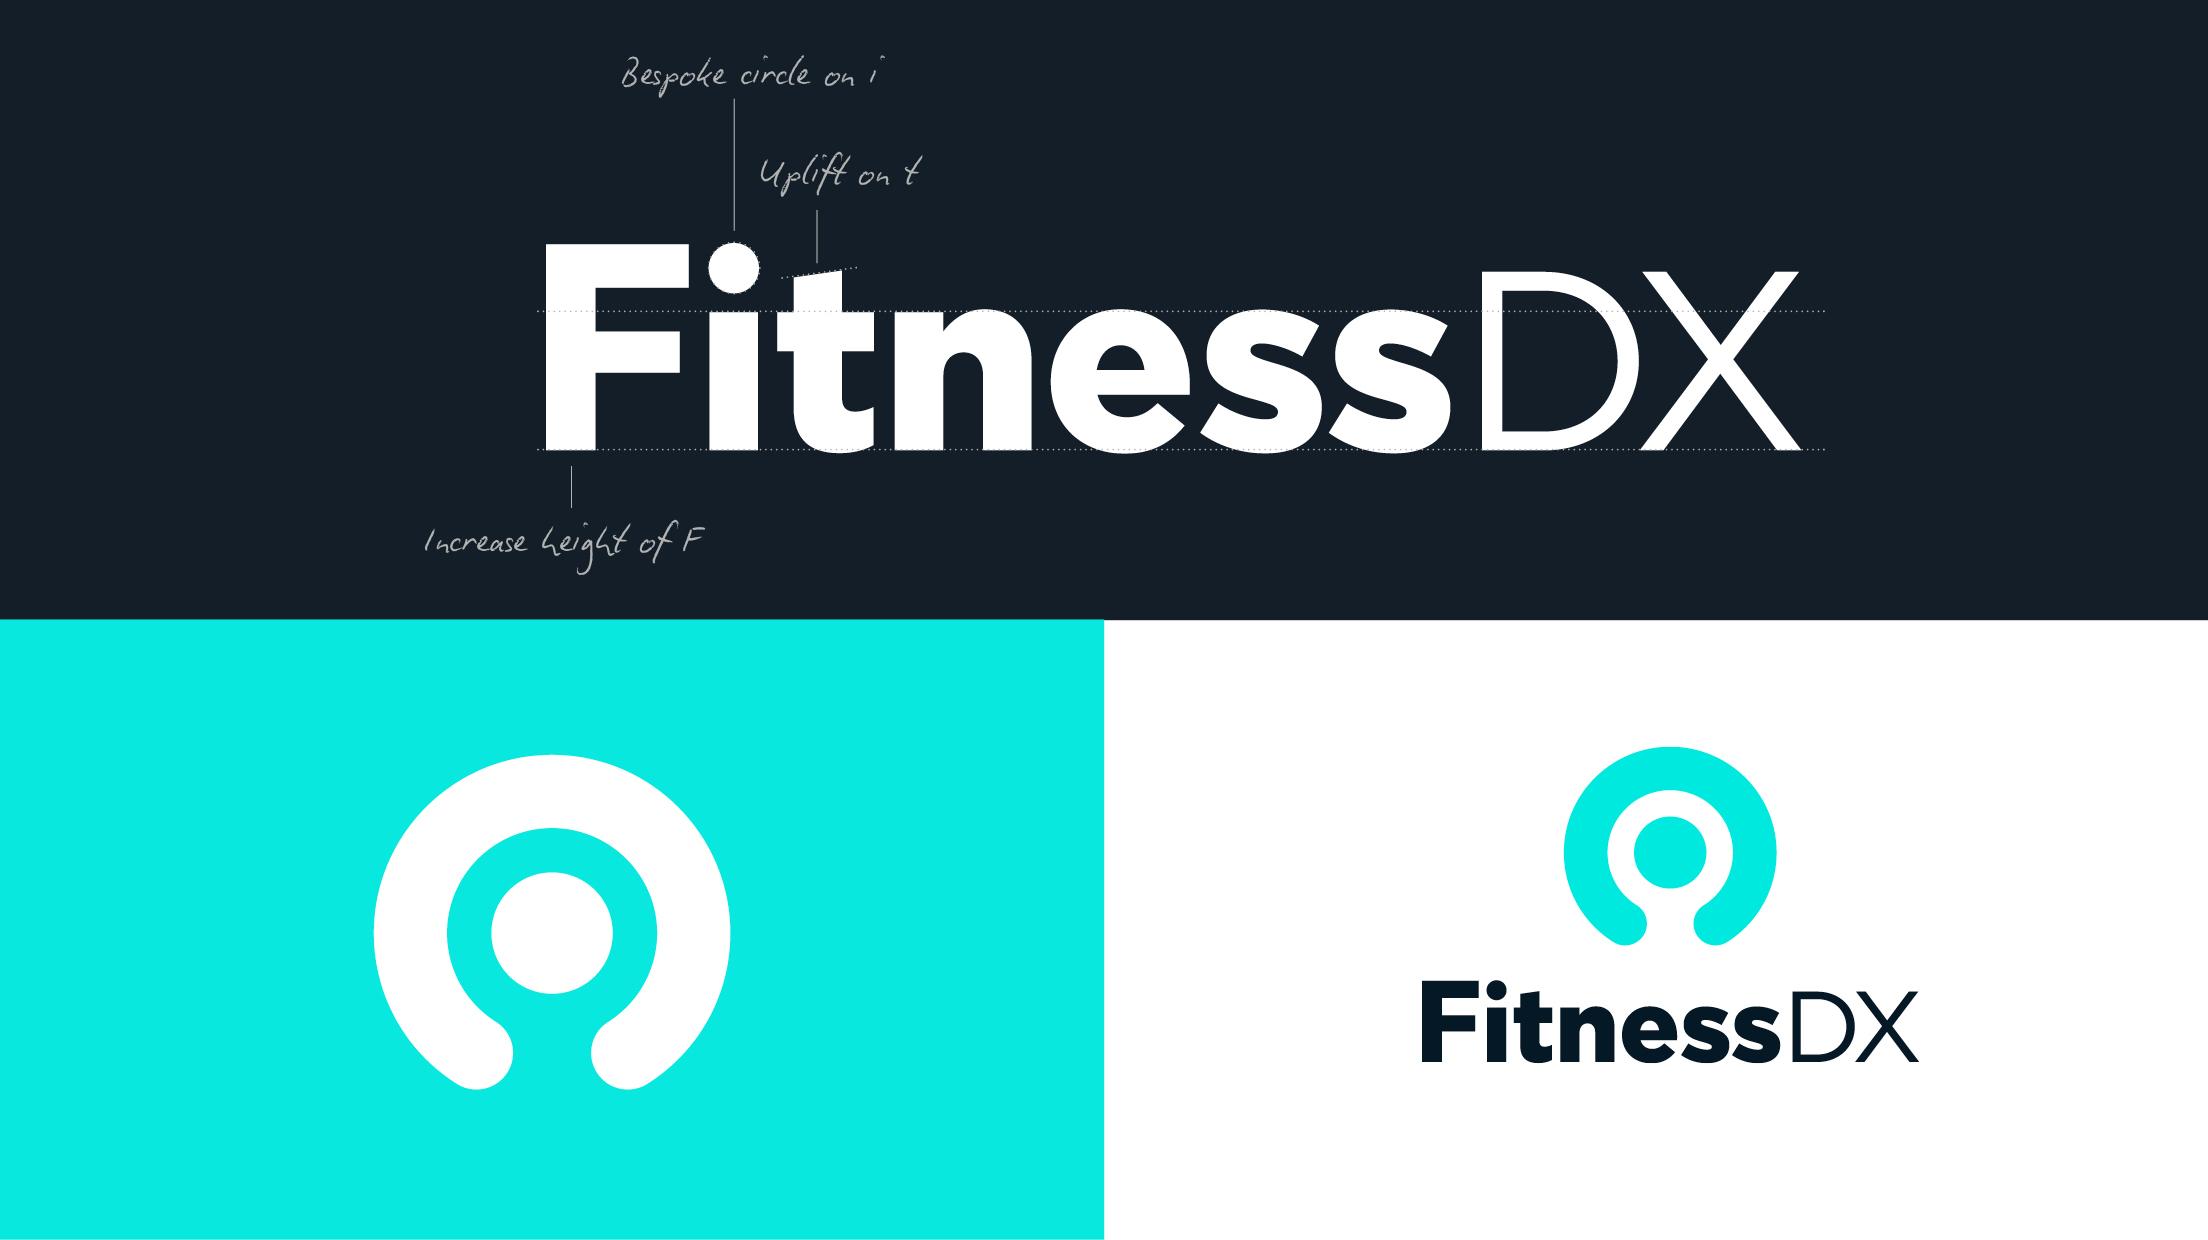 FitnessDX